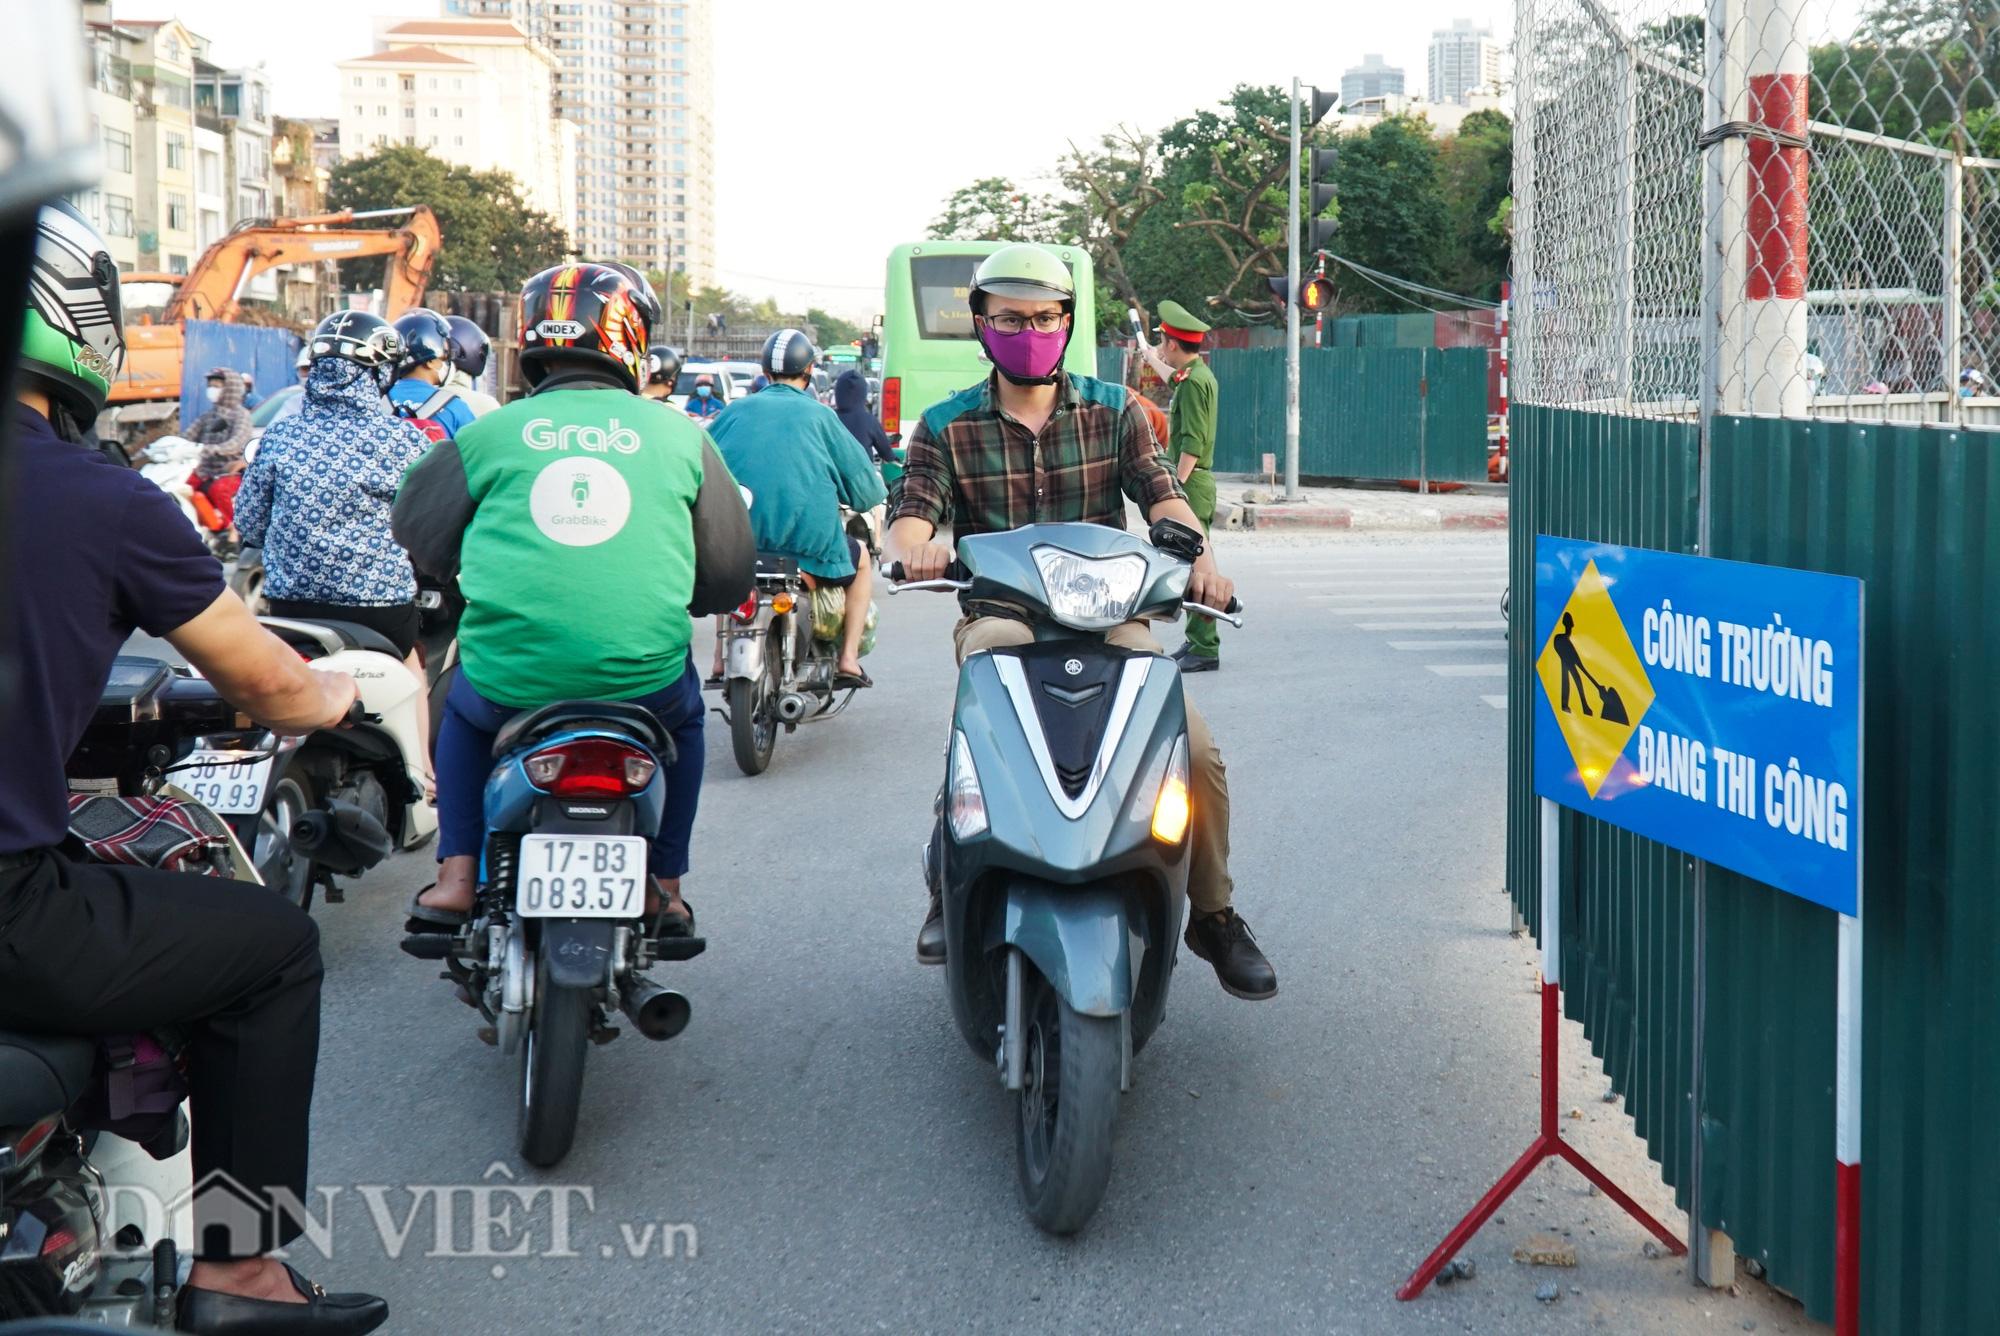 Người dân chật vật di chuyển qua nút giao đang thi công đường vành đai 2,5 - Ảnh 7.